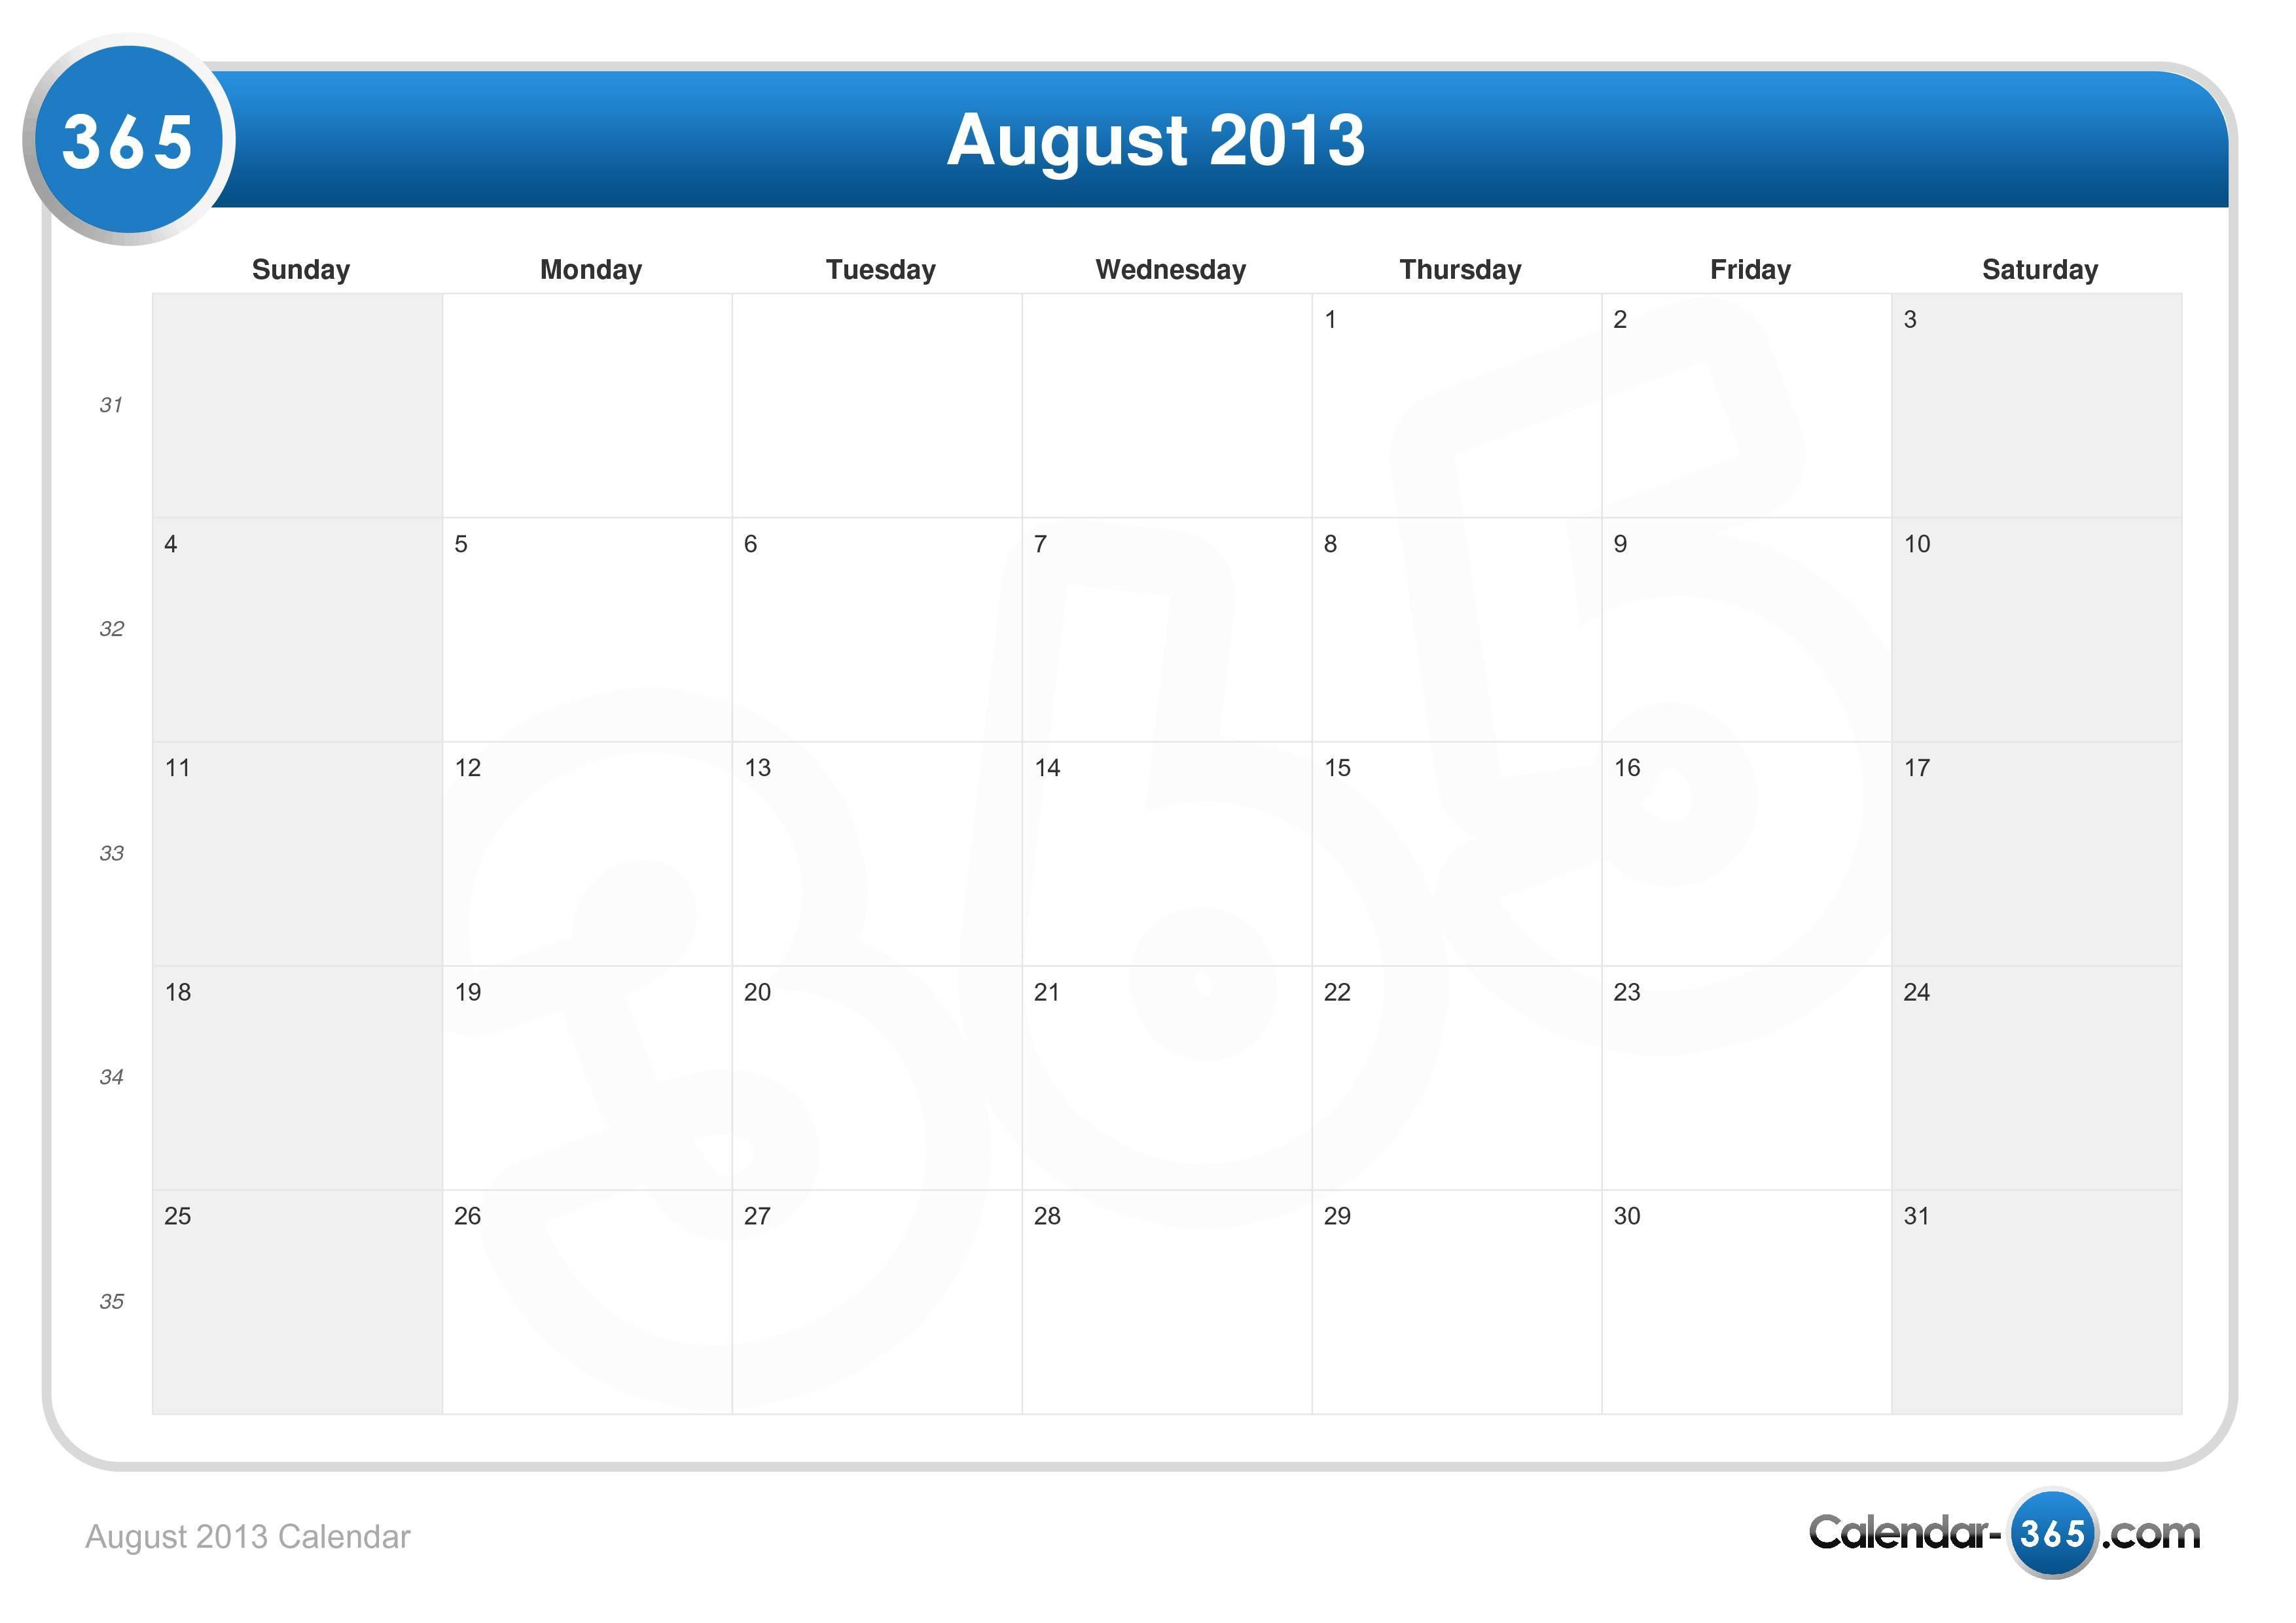 Augist 2021 Calendar August 2013 Calendar